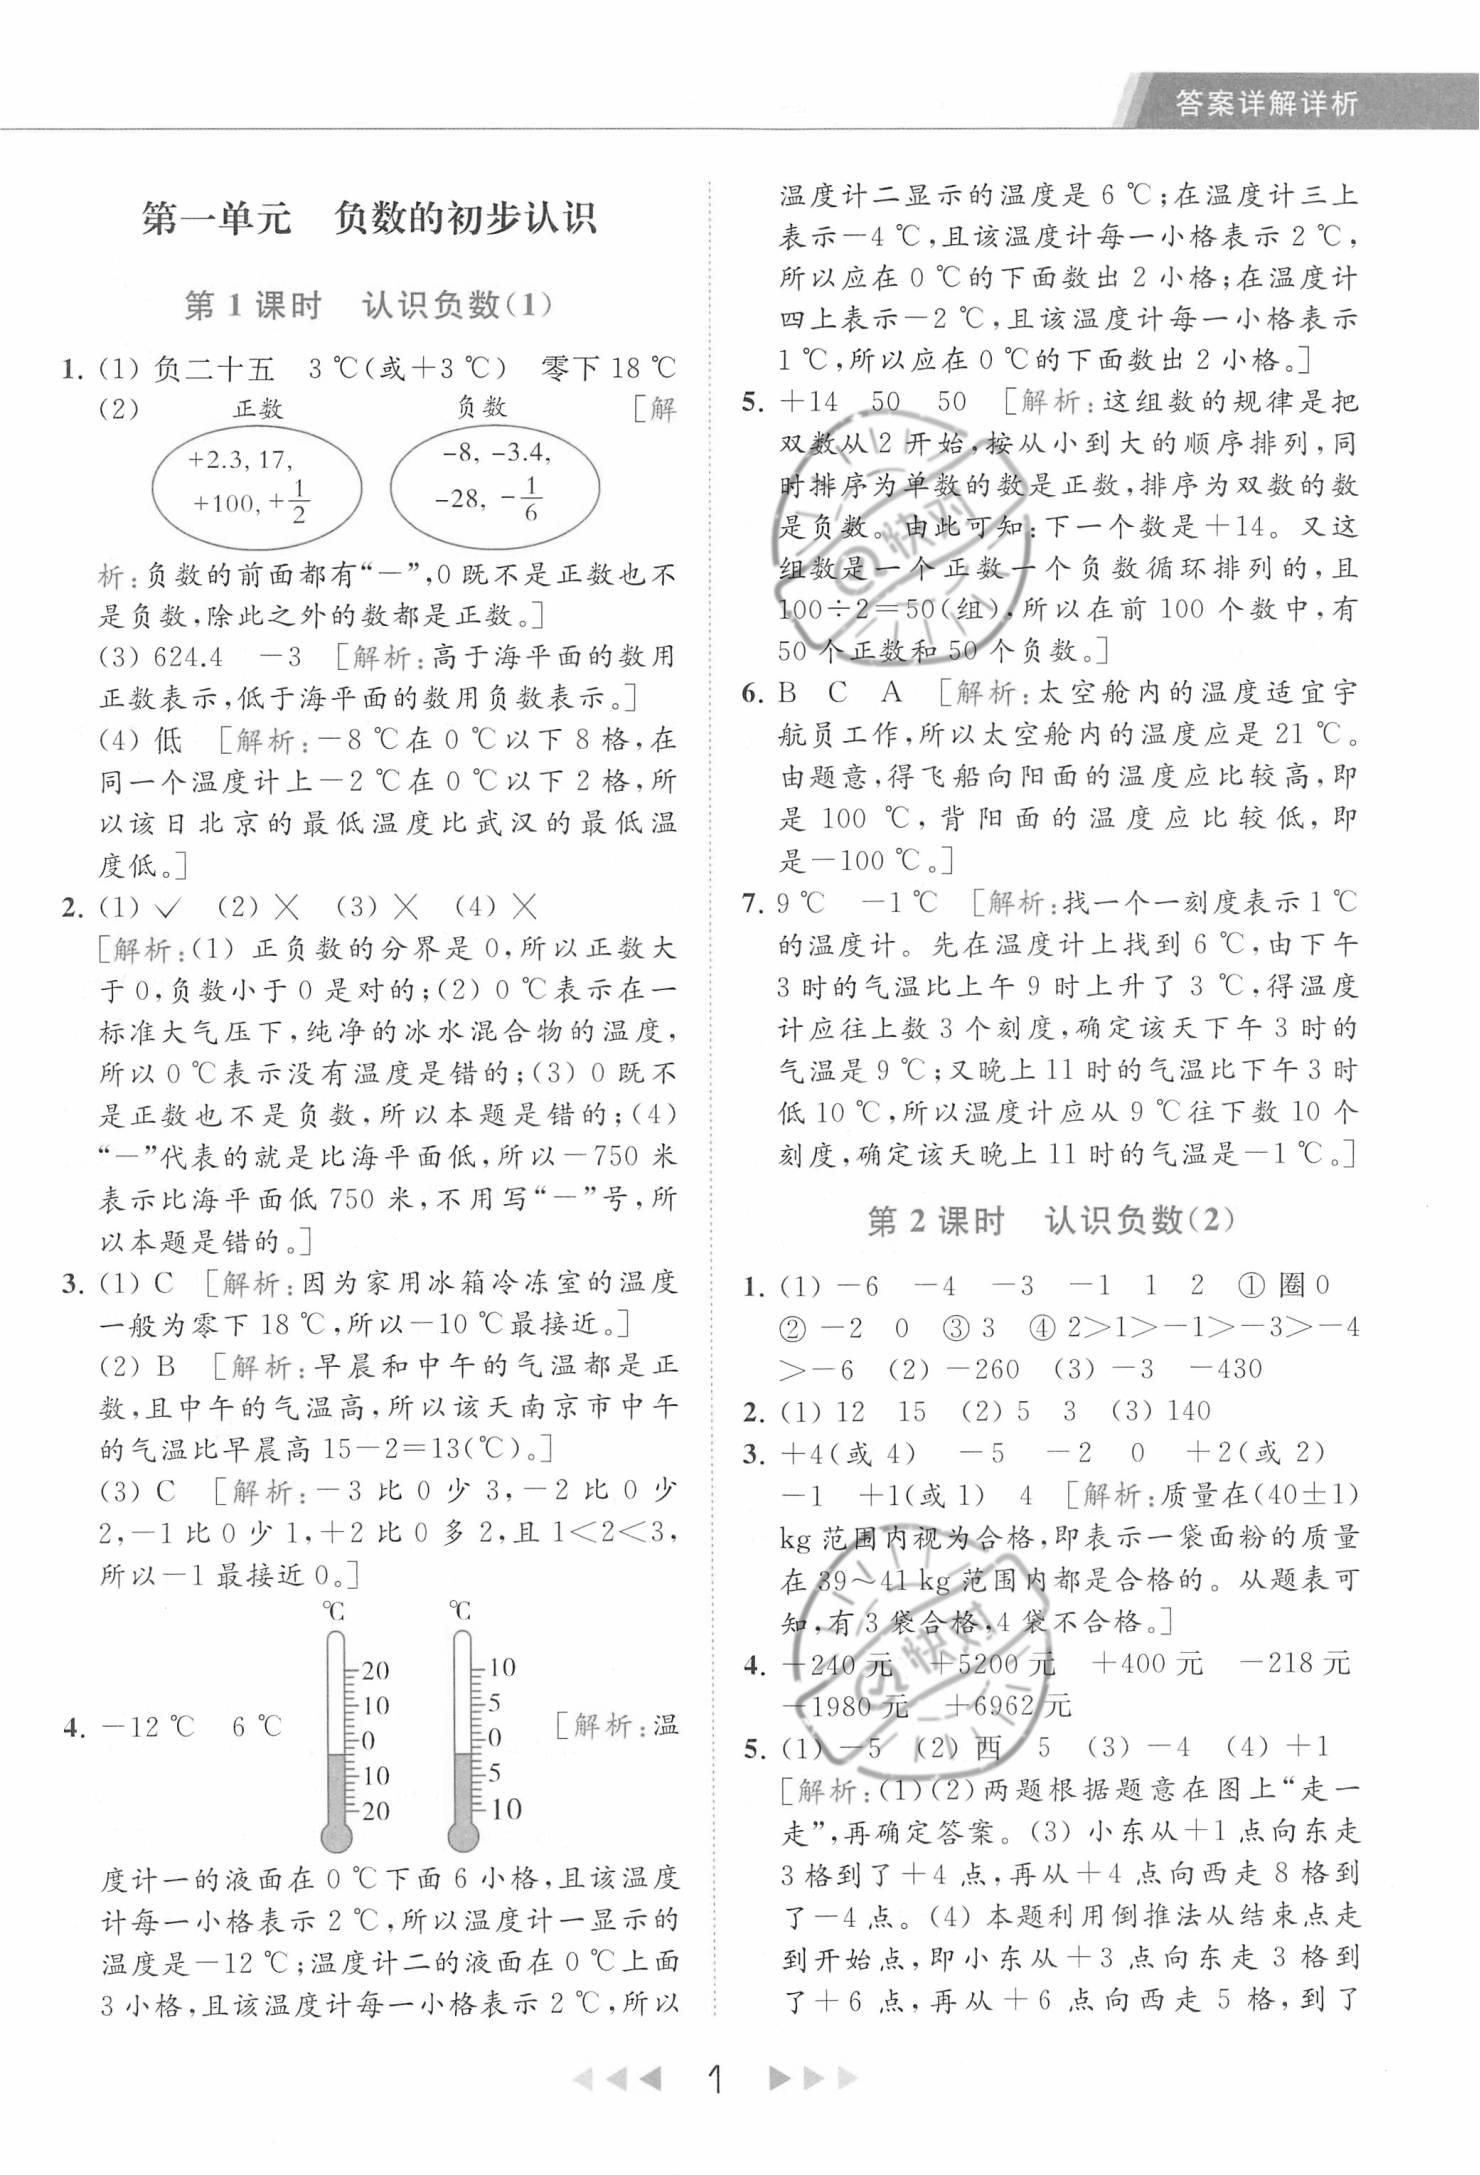 2021年提优课时作业本五年级数学上册江苏版